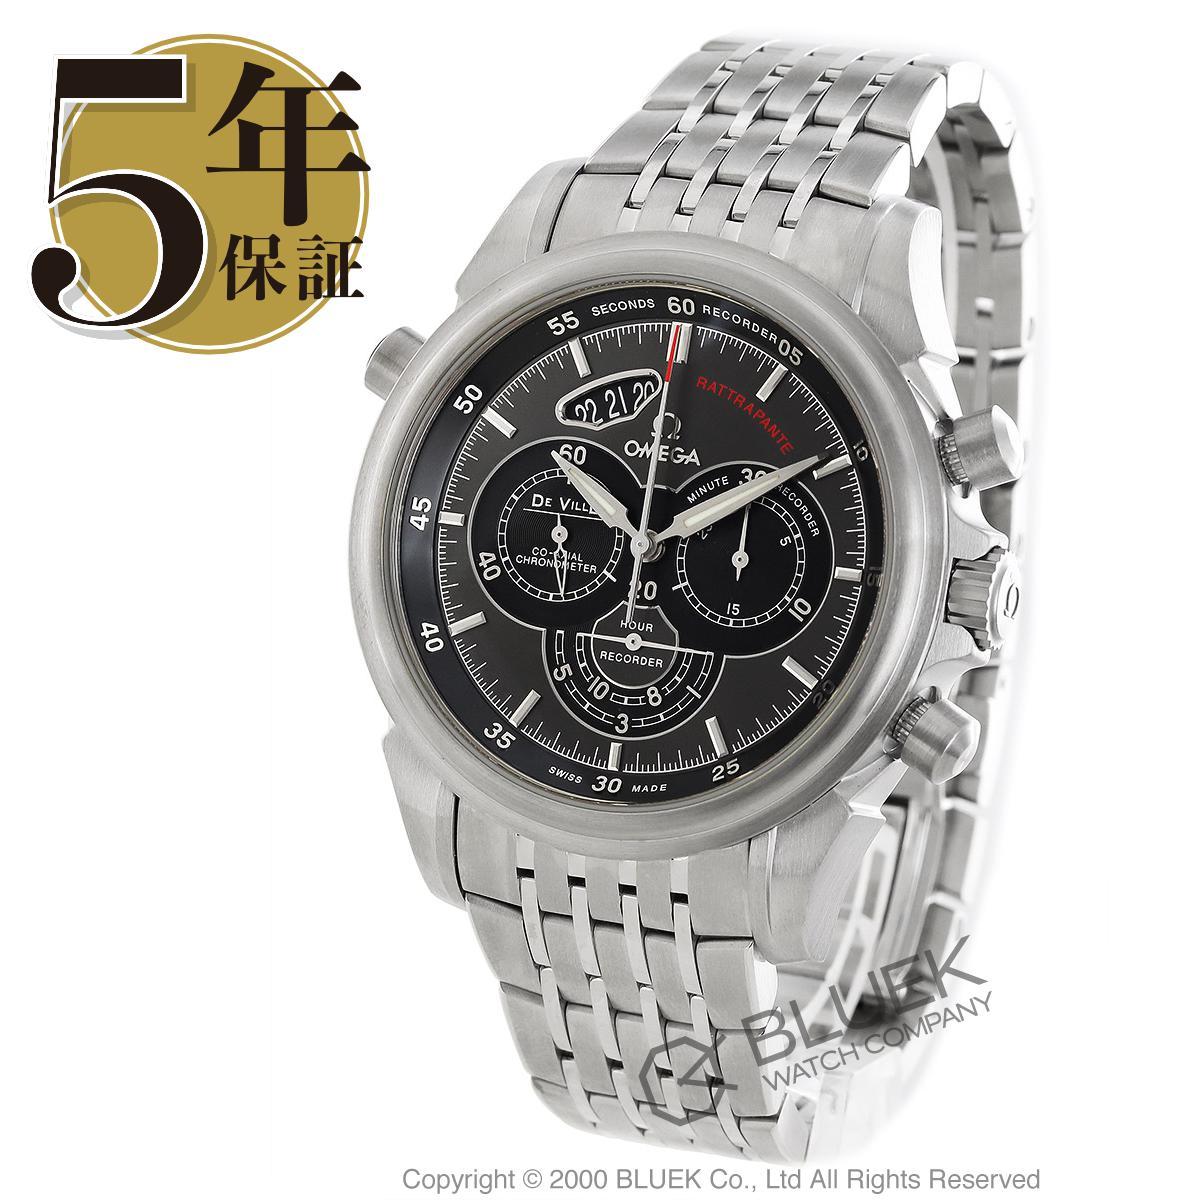 オメガ デビル コーアクシャル クロノスコープ ラトラパンテ クロノグラフ 腕時計 メンズ OMEGA 422.10.44.51.06.001_5